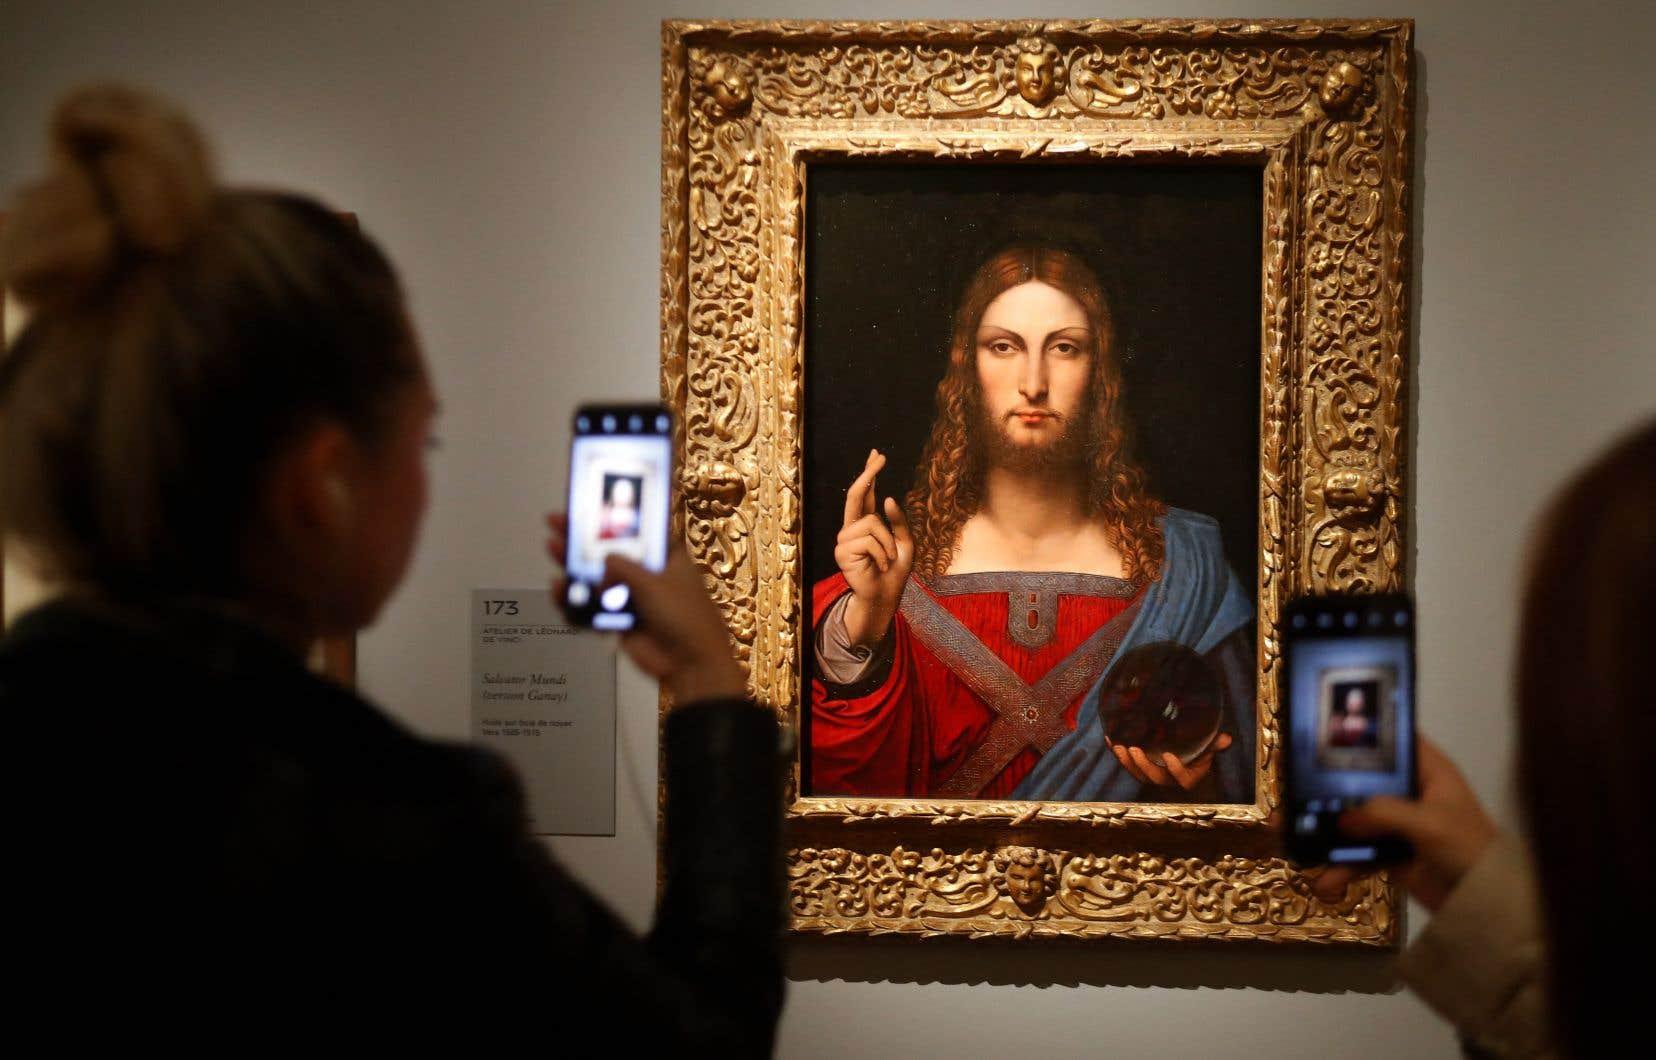 Des gens prennent des photos du «Salvator Mundi» de l'Atelier Léonard de Vinci, lors du vernissage de l'exposition «Léonard de Vinci», le 22 octobre 2019 au musée du Louvre à Paris.